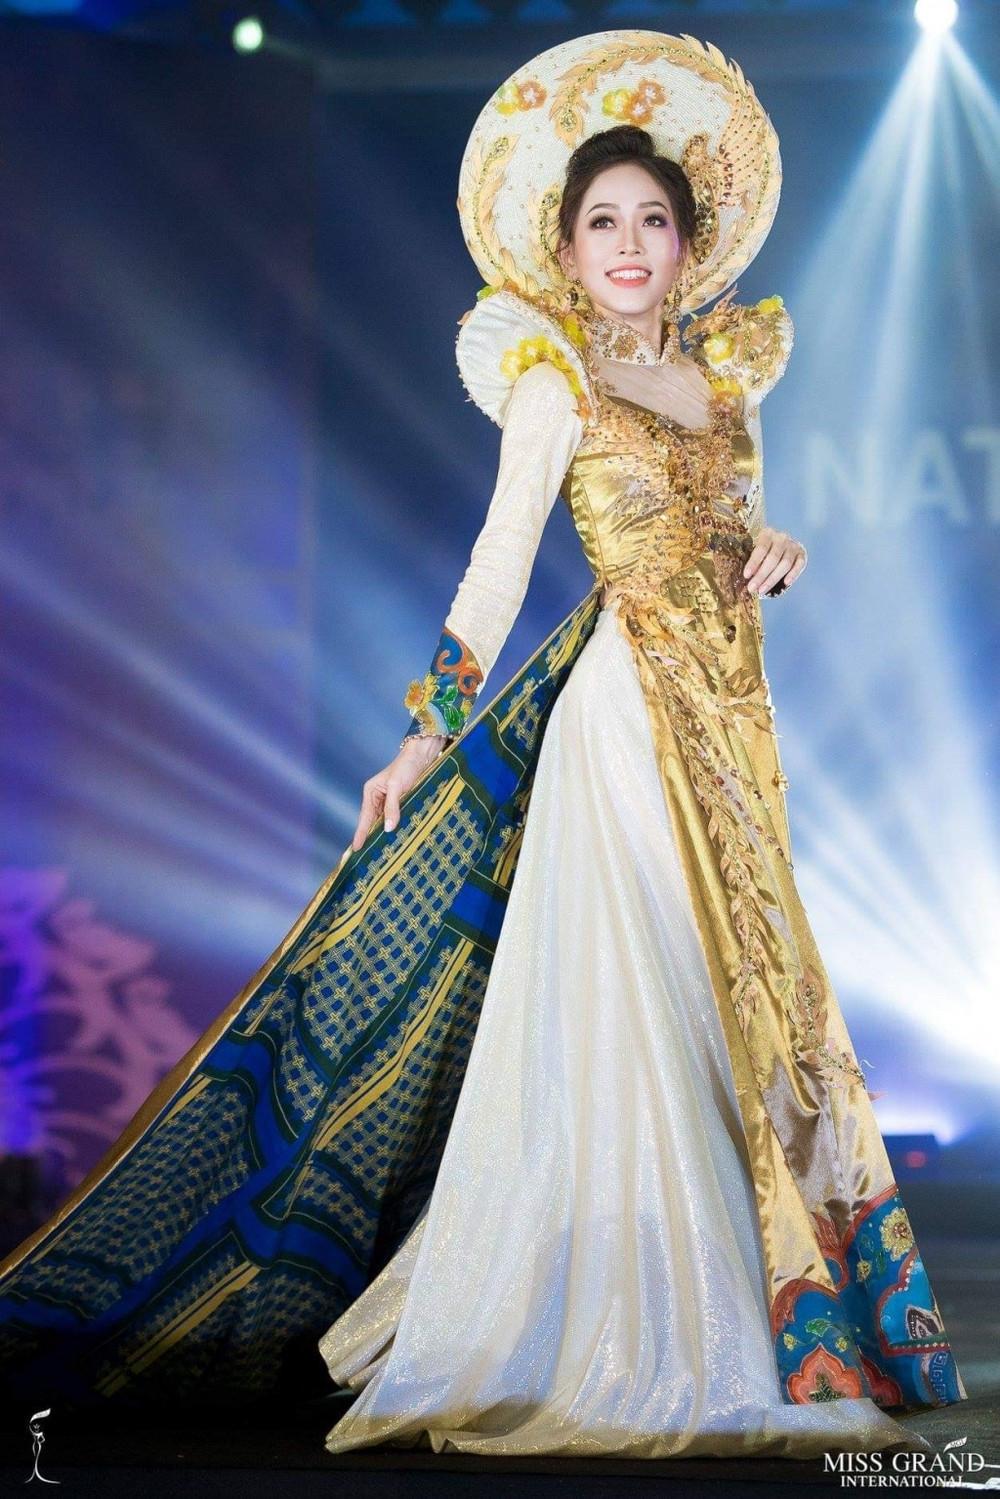 Bùi Phương Nga xếp thứ 2 trang phục dân tộc được yêu thích nhất, có cơ hội chiến thắng cao